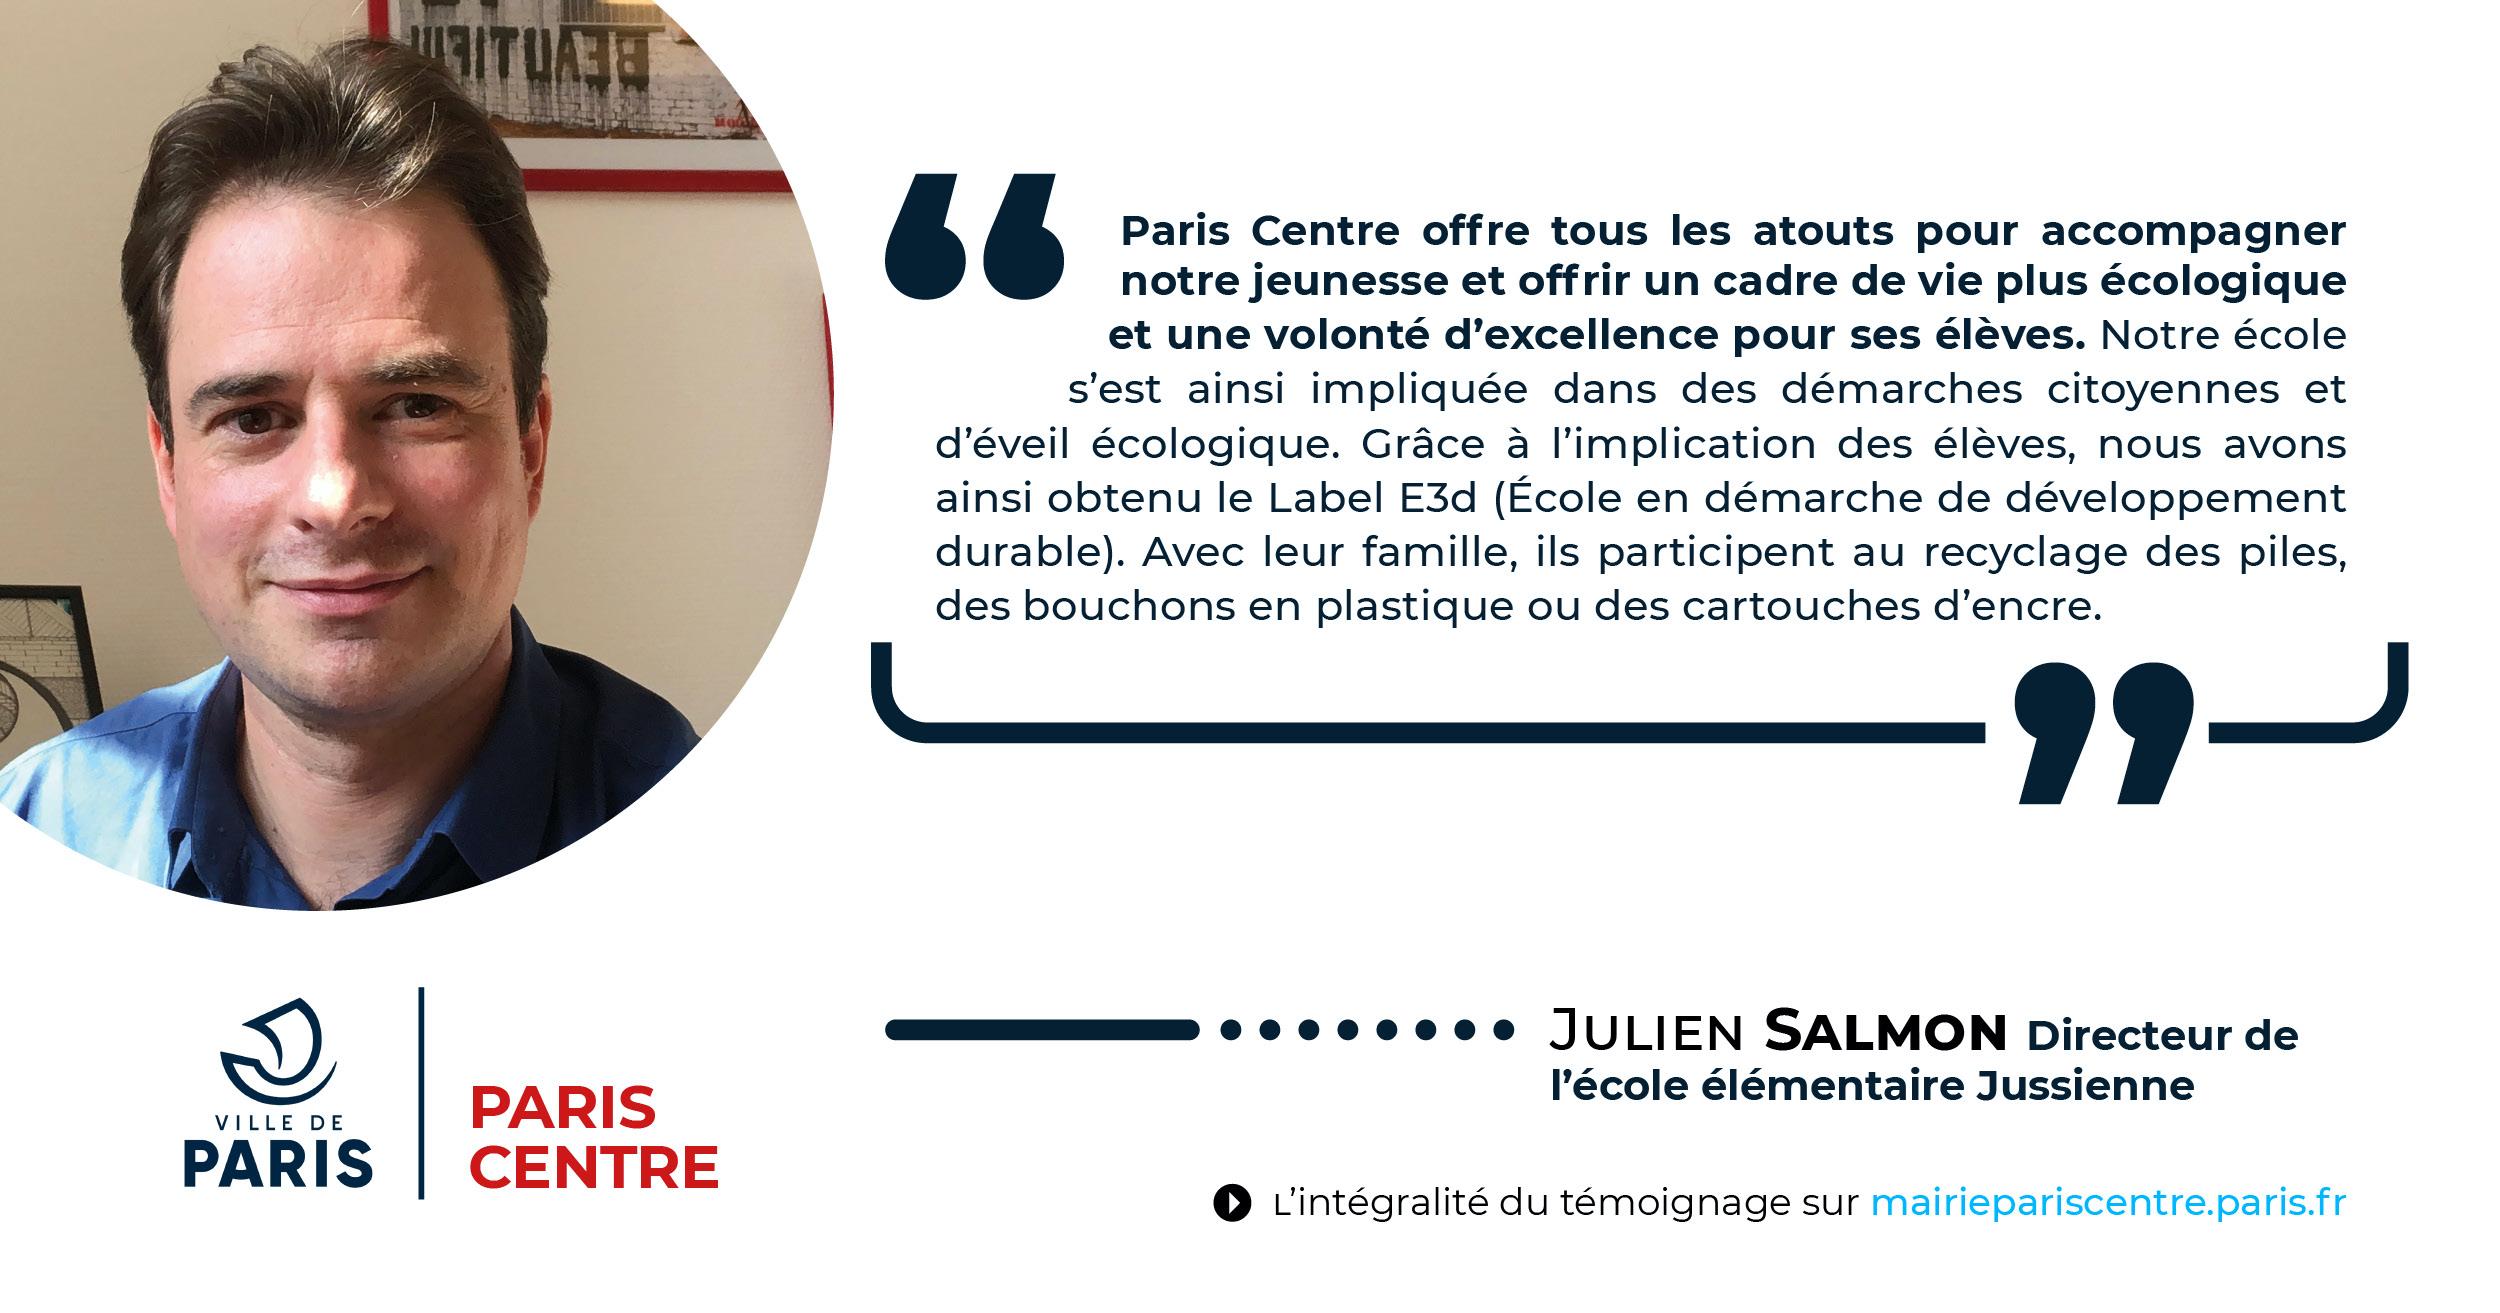 Julien Salmon